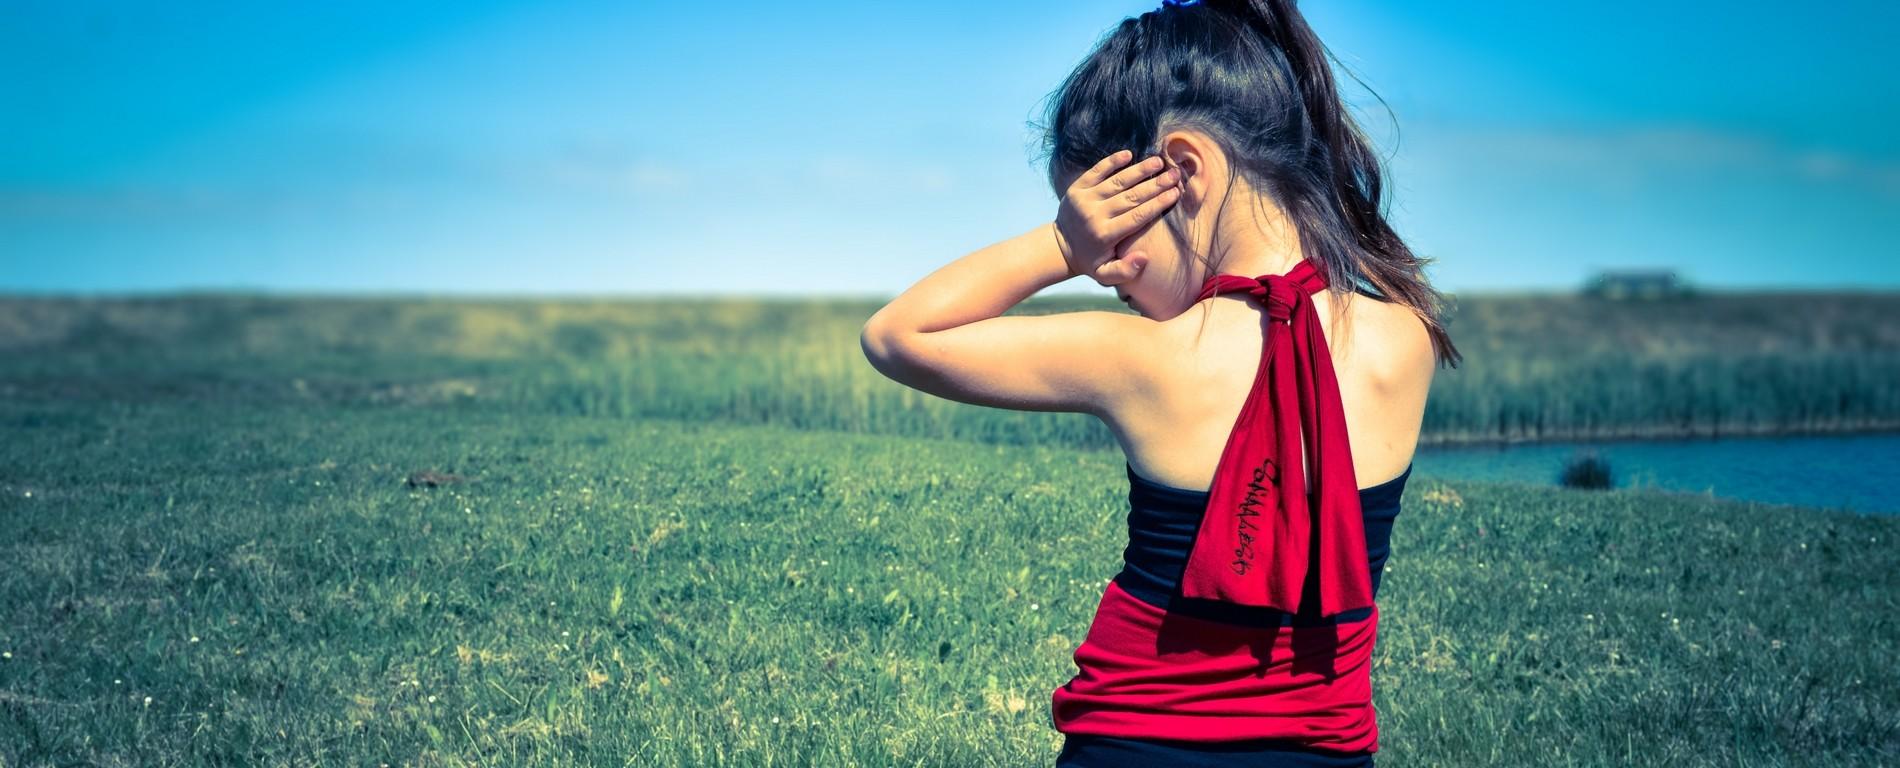 Collezione Summer e personalizzabili abiti pantaloni del harem bambino